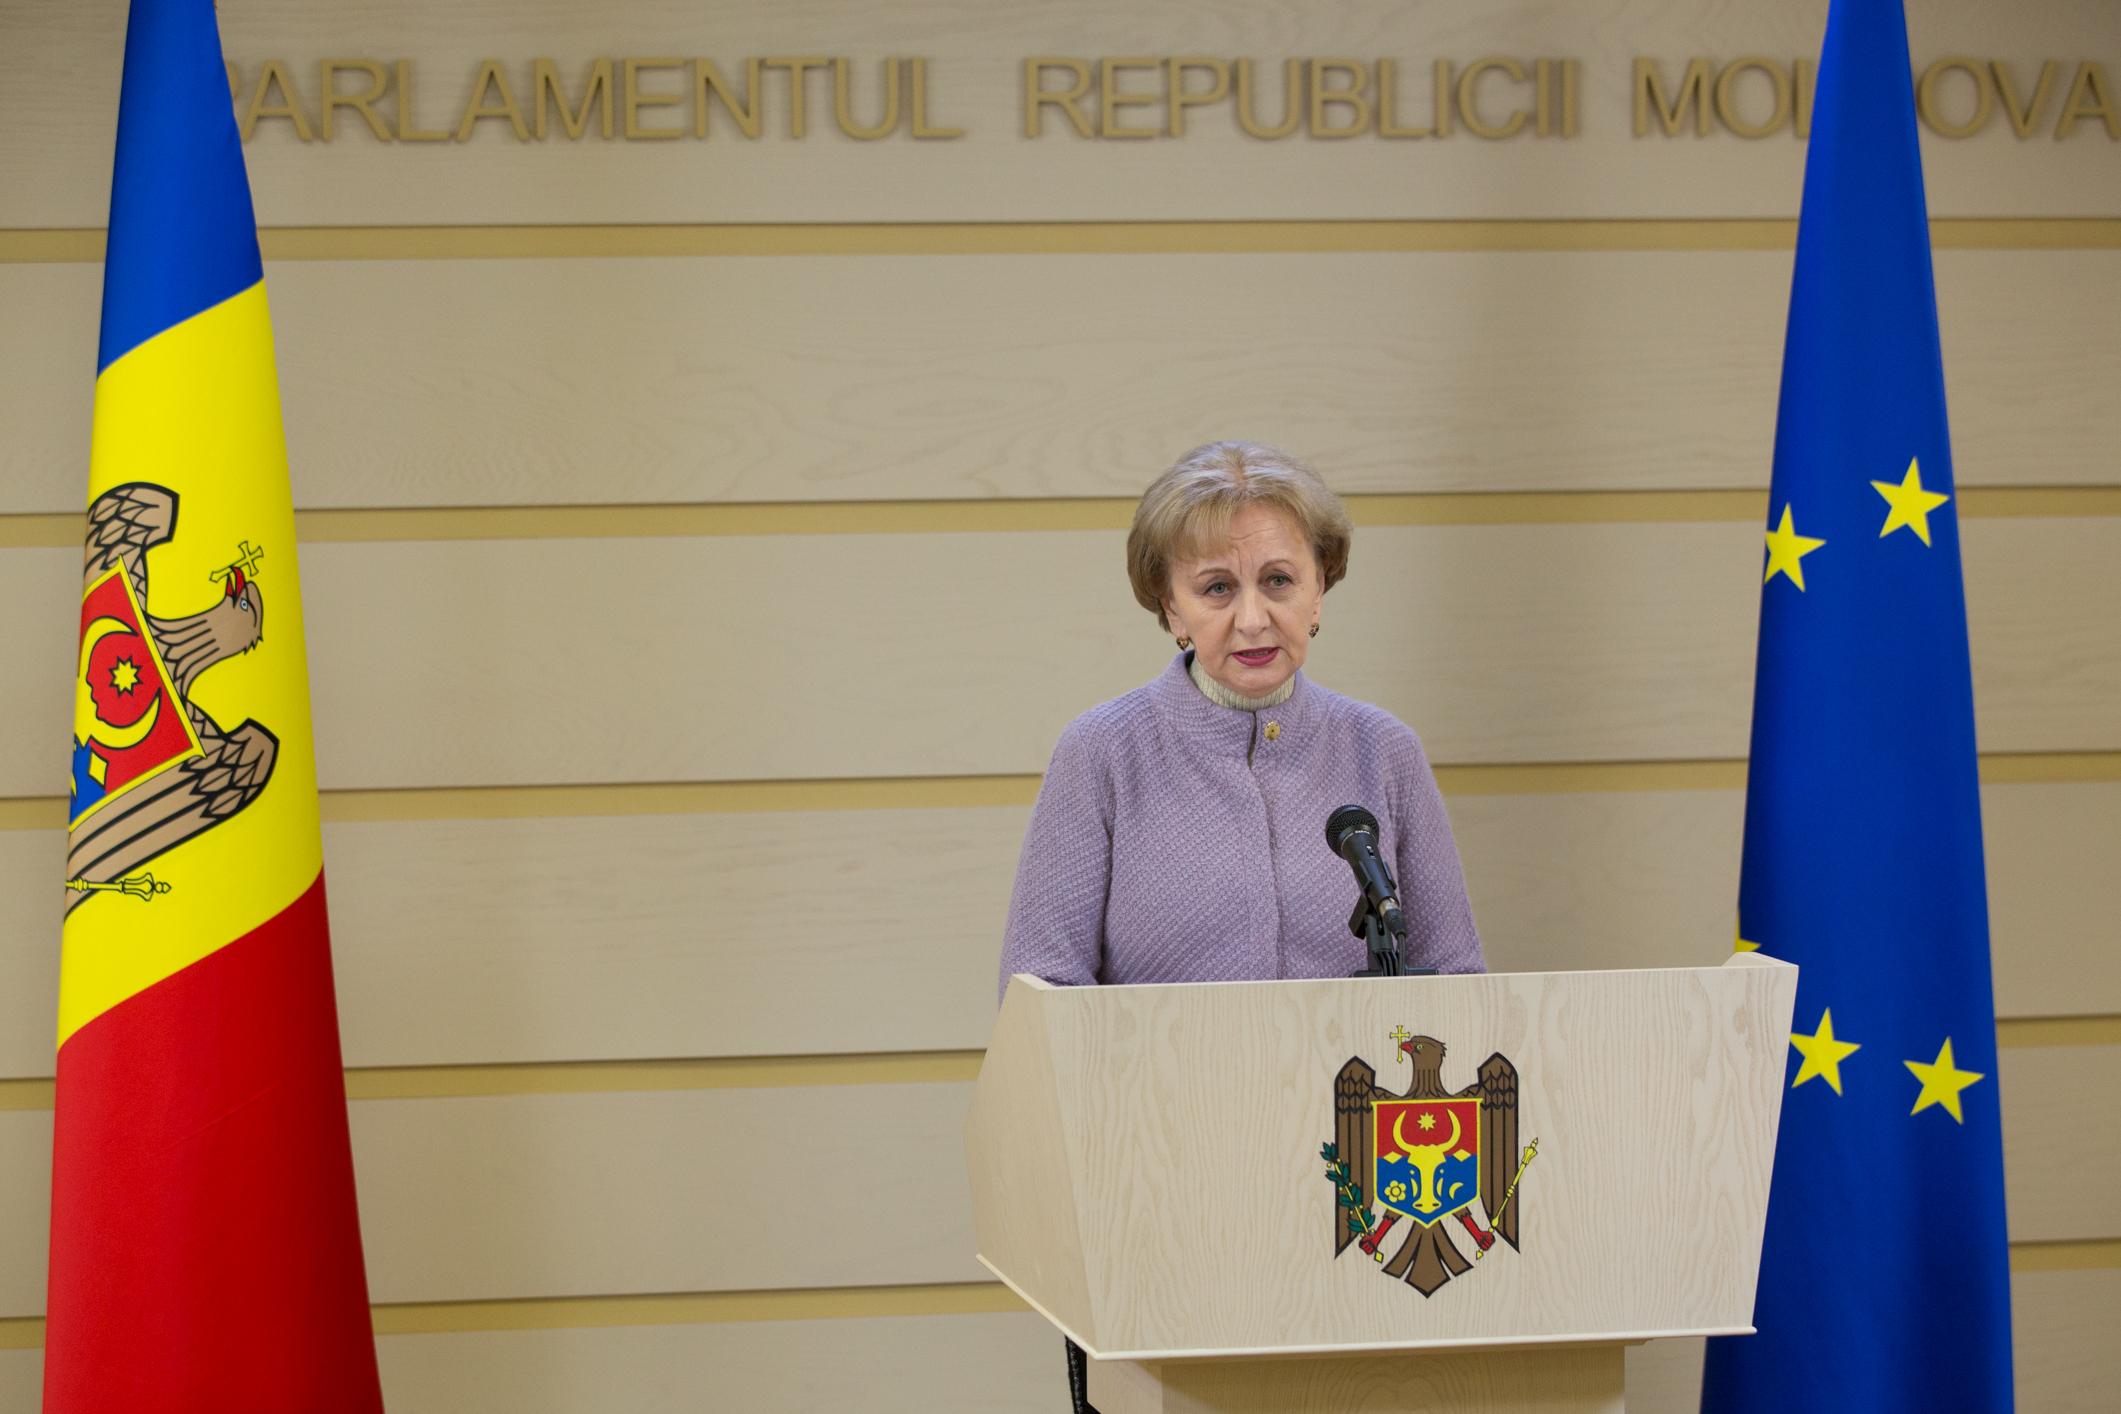 06.02.2020 Briefing al speakerului Zinaida Greceanîi privind prioritățile Parlamentului pentru sesiunea de primăvară 2020